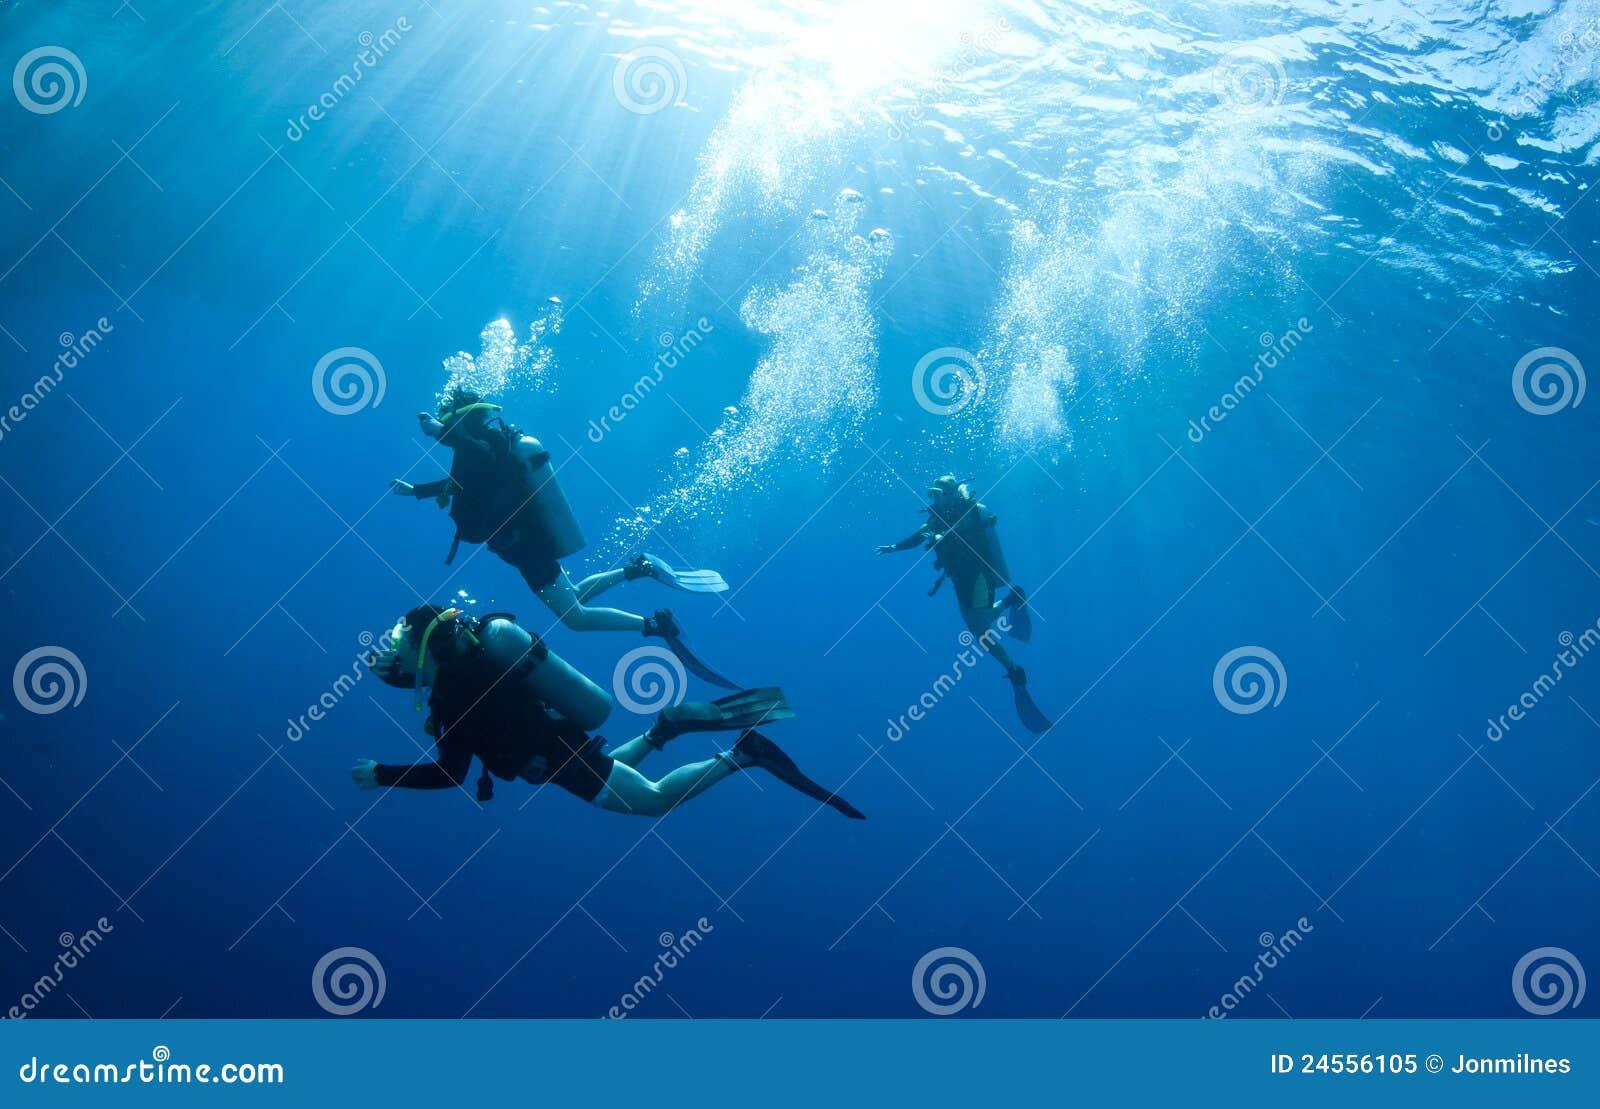 Accend de los zambullidores de equipo de submarinismo de una zambullida